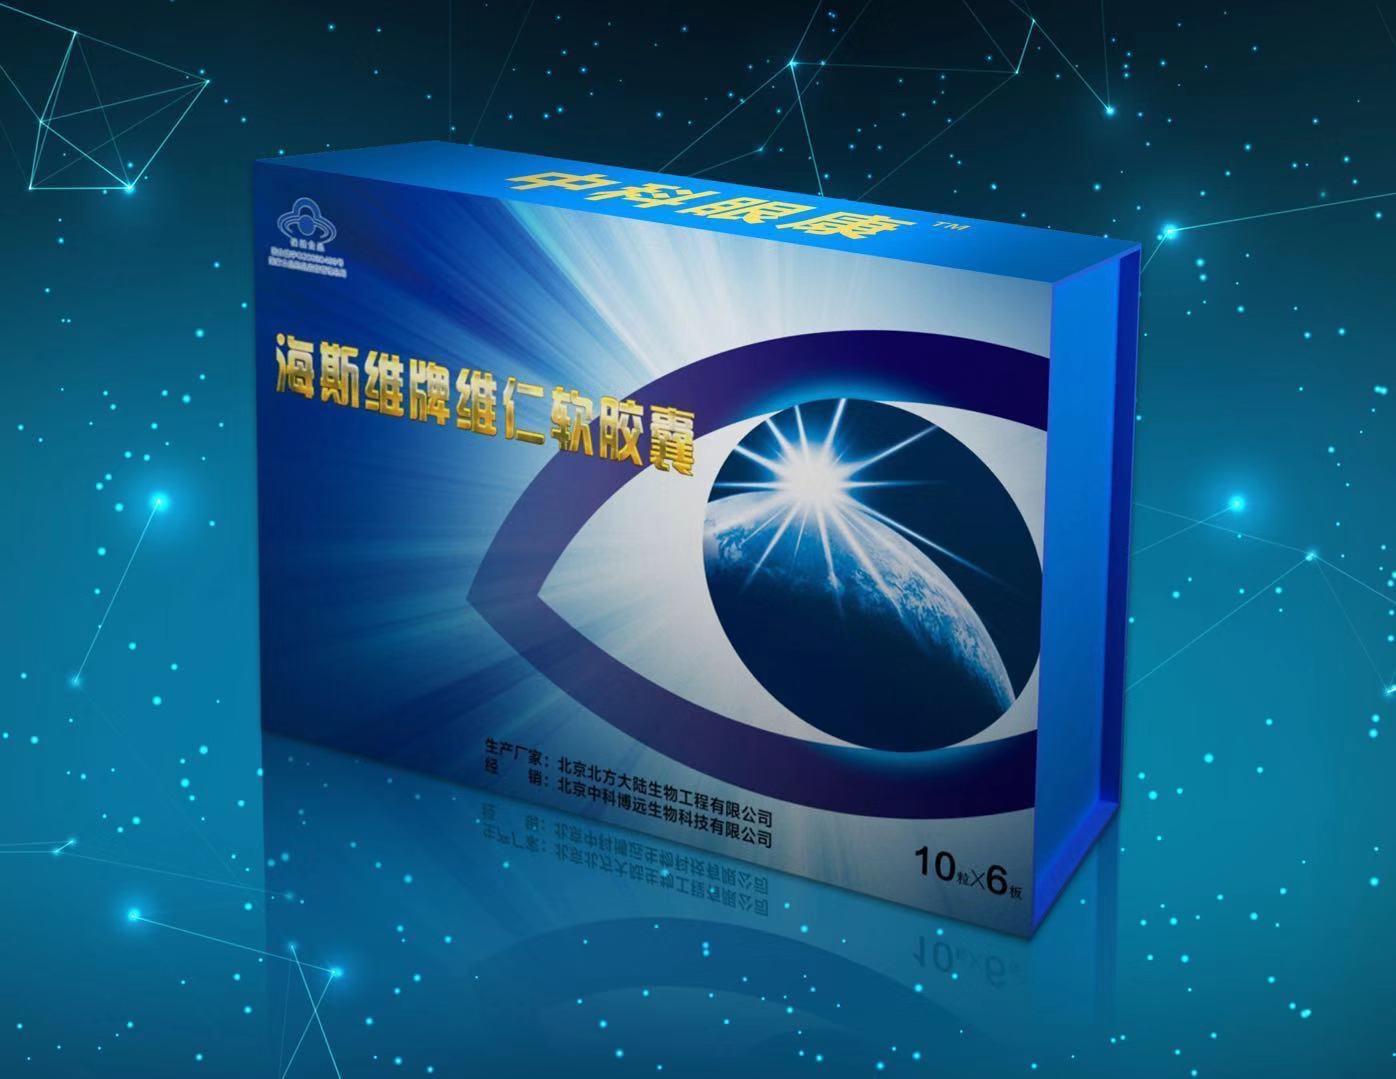 中科眼康(海斯维牌维仁软胶囊)北京中科博远生物科技有限公司